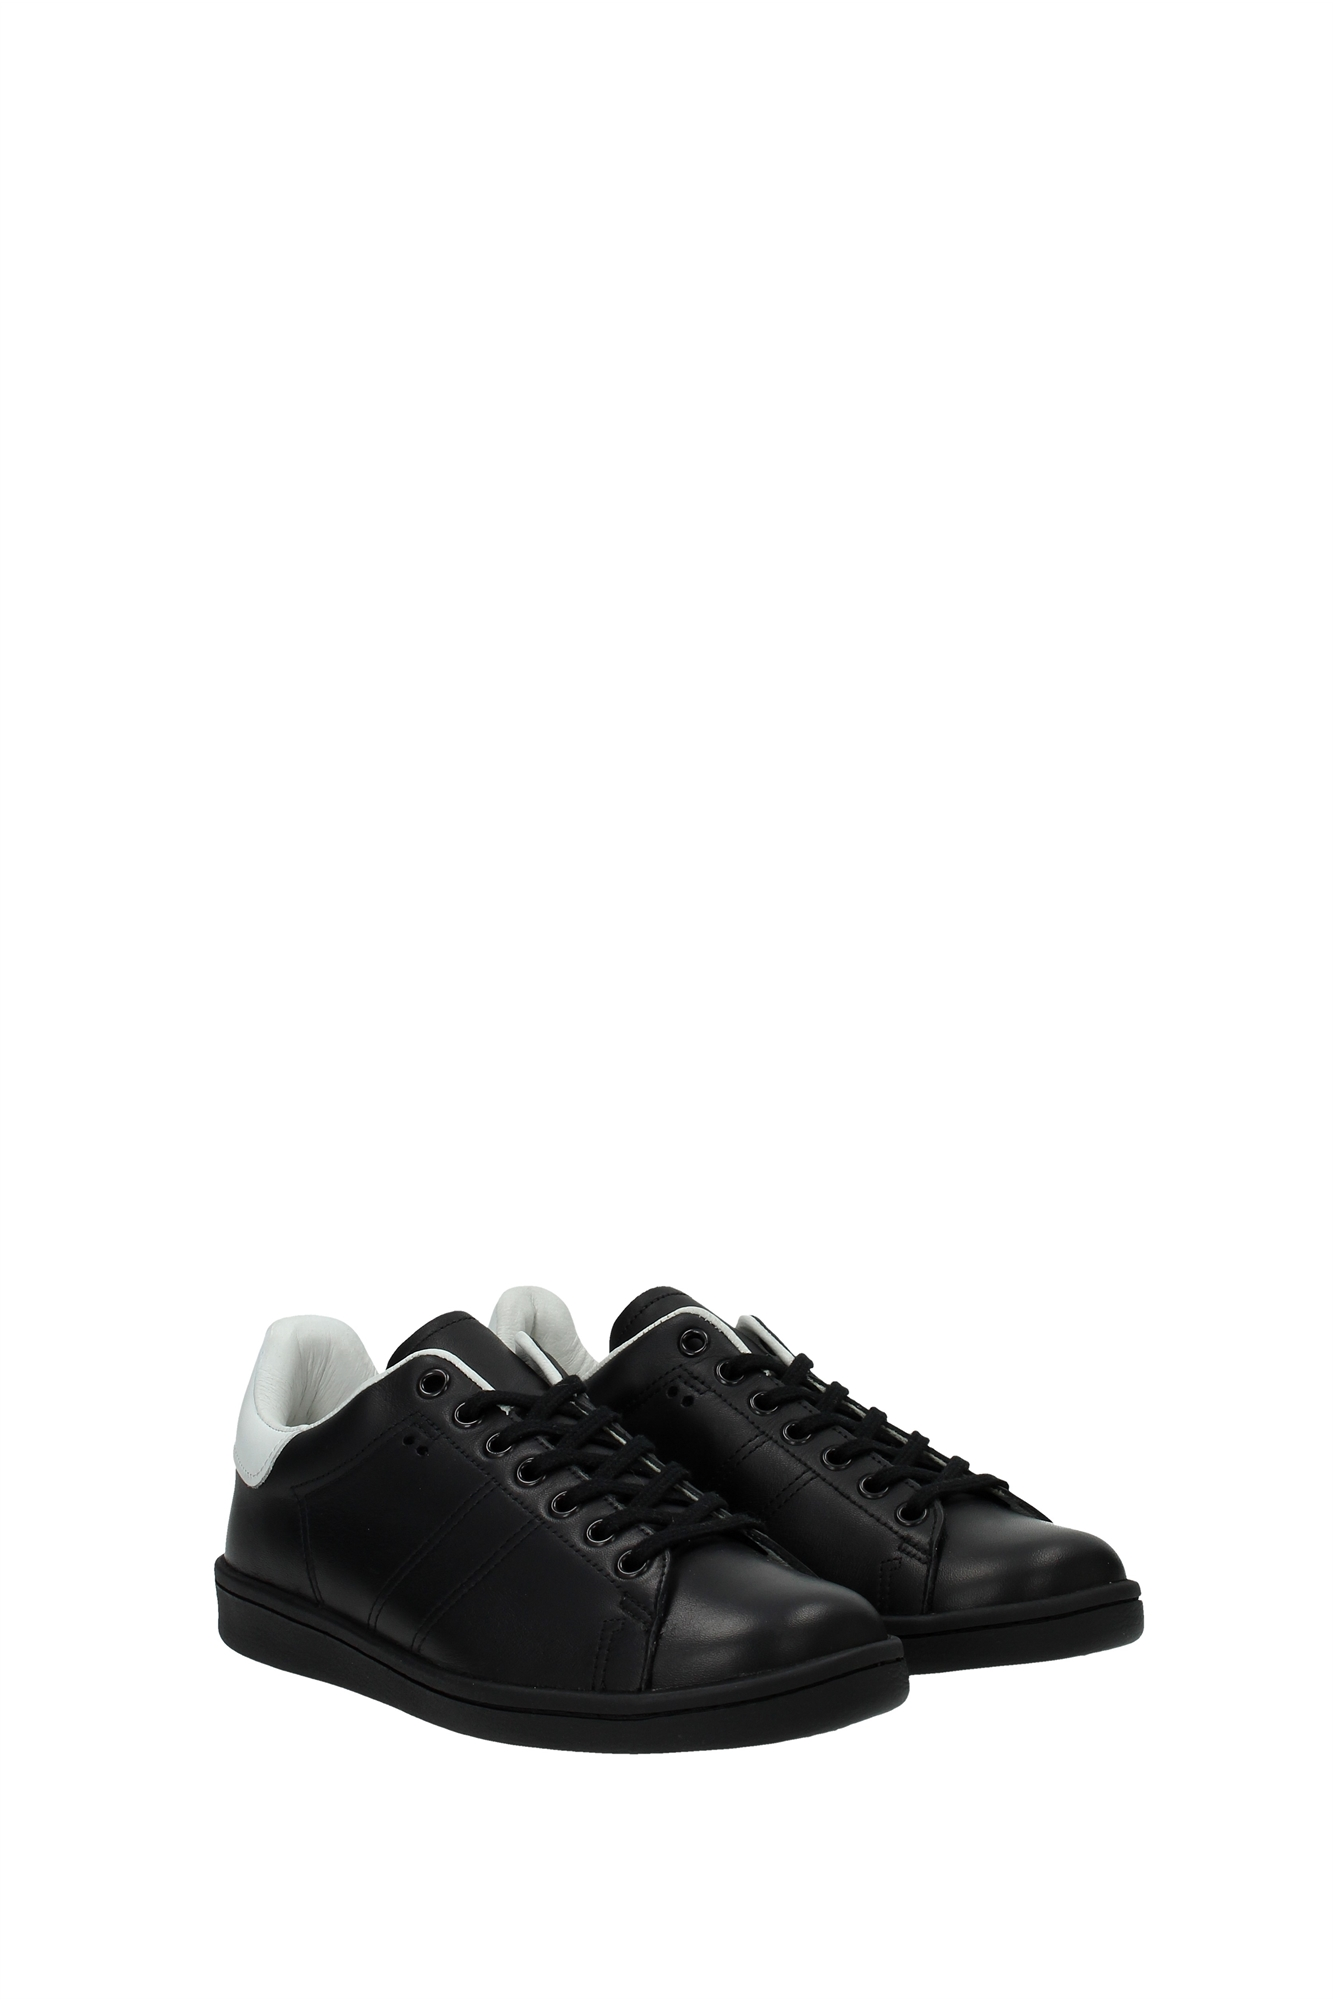 sneakers isabel marant damen leder schwarz bk002515a029sblack ebay. Black Bedroom Furniture Sets. Home Design Ideas